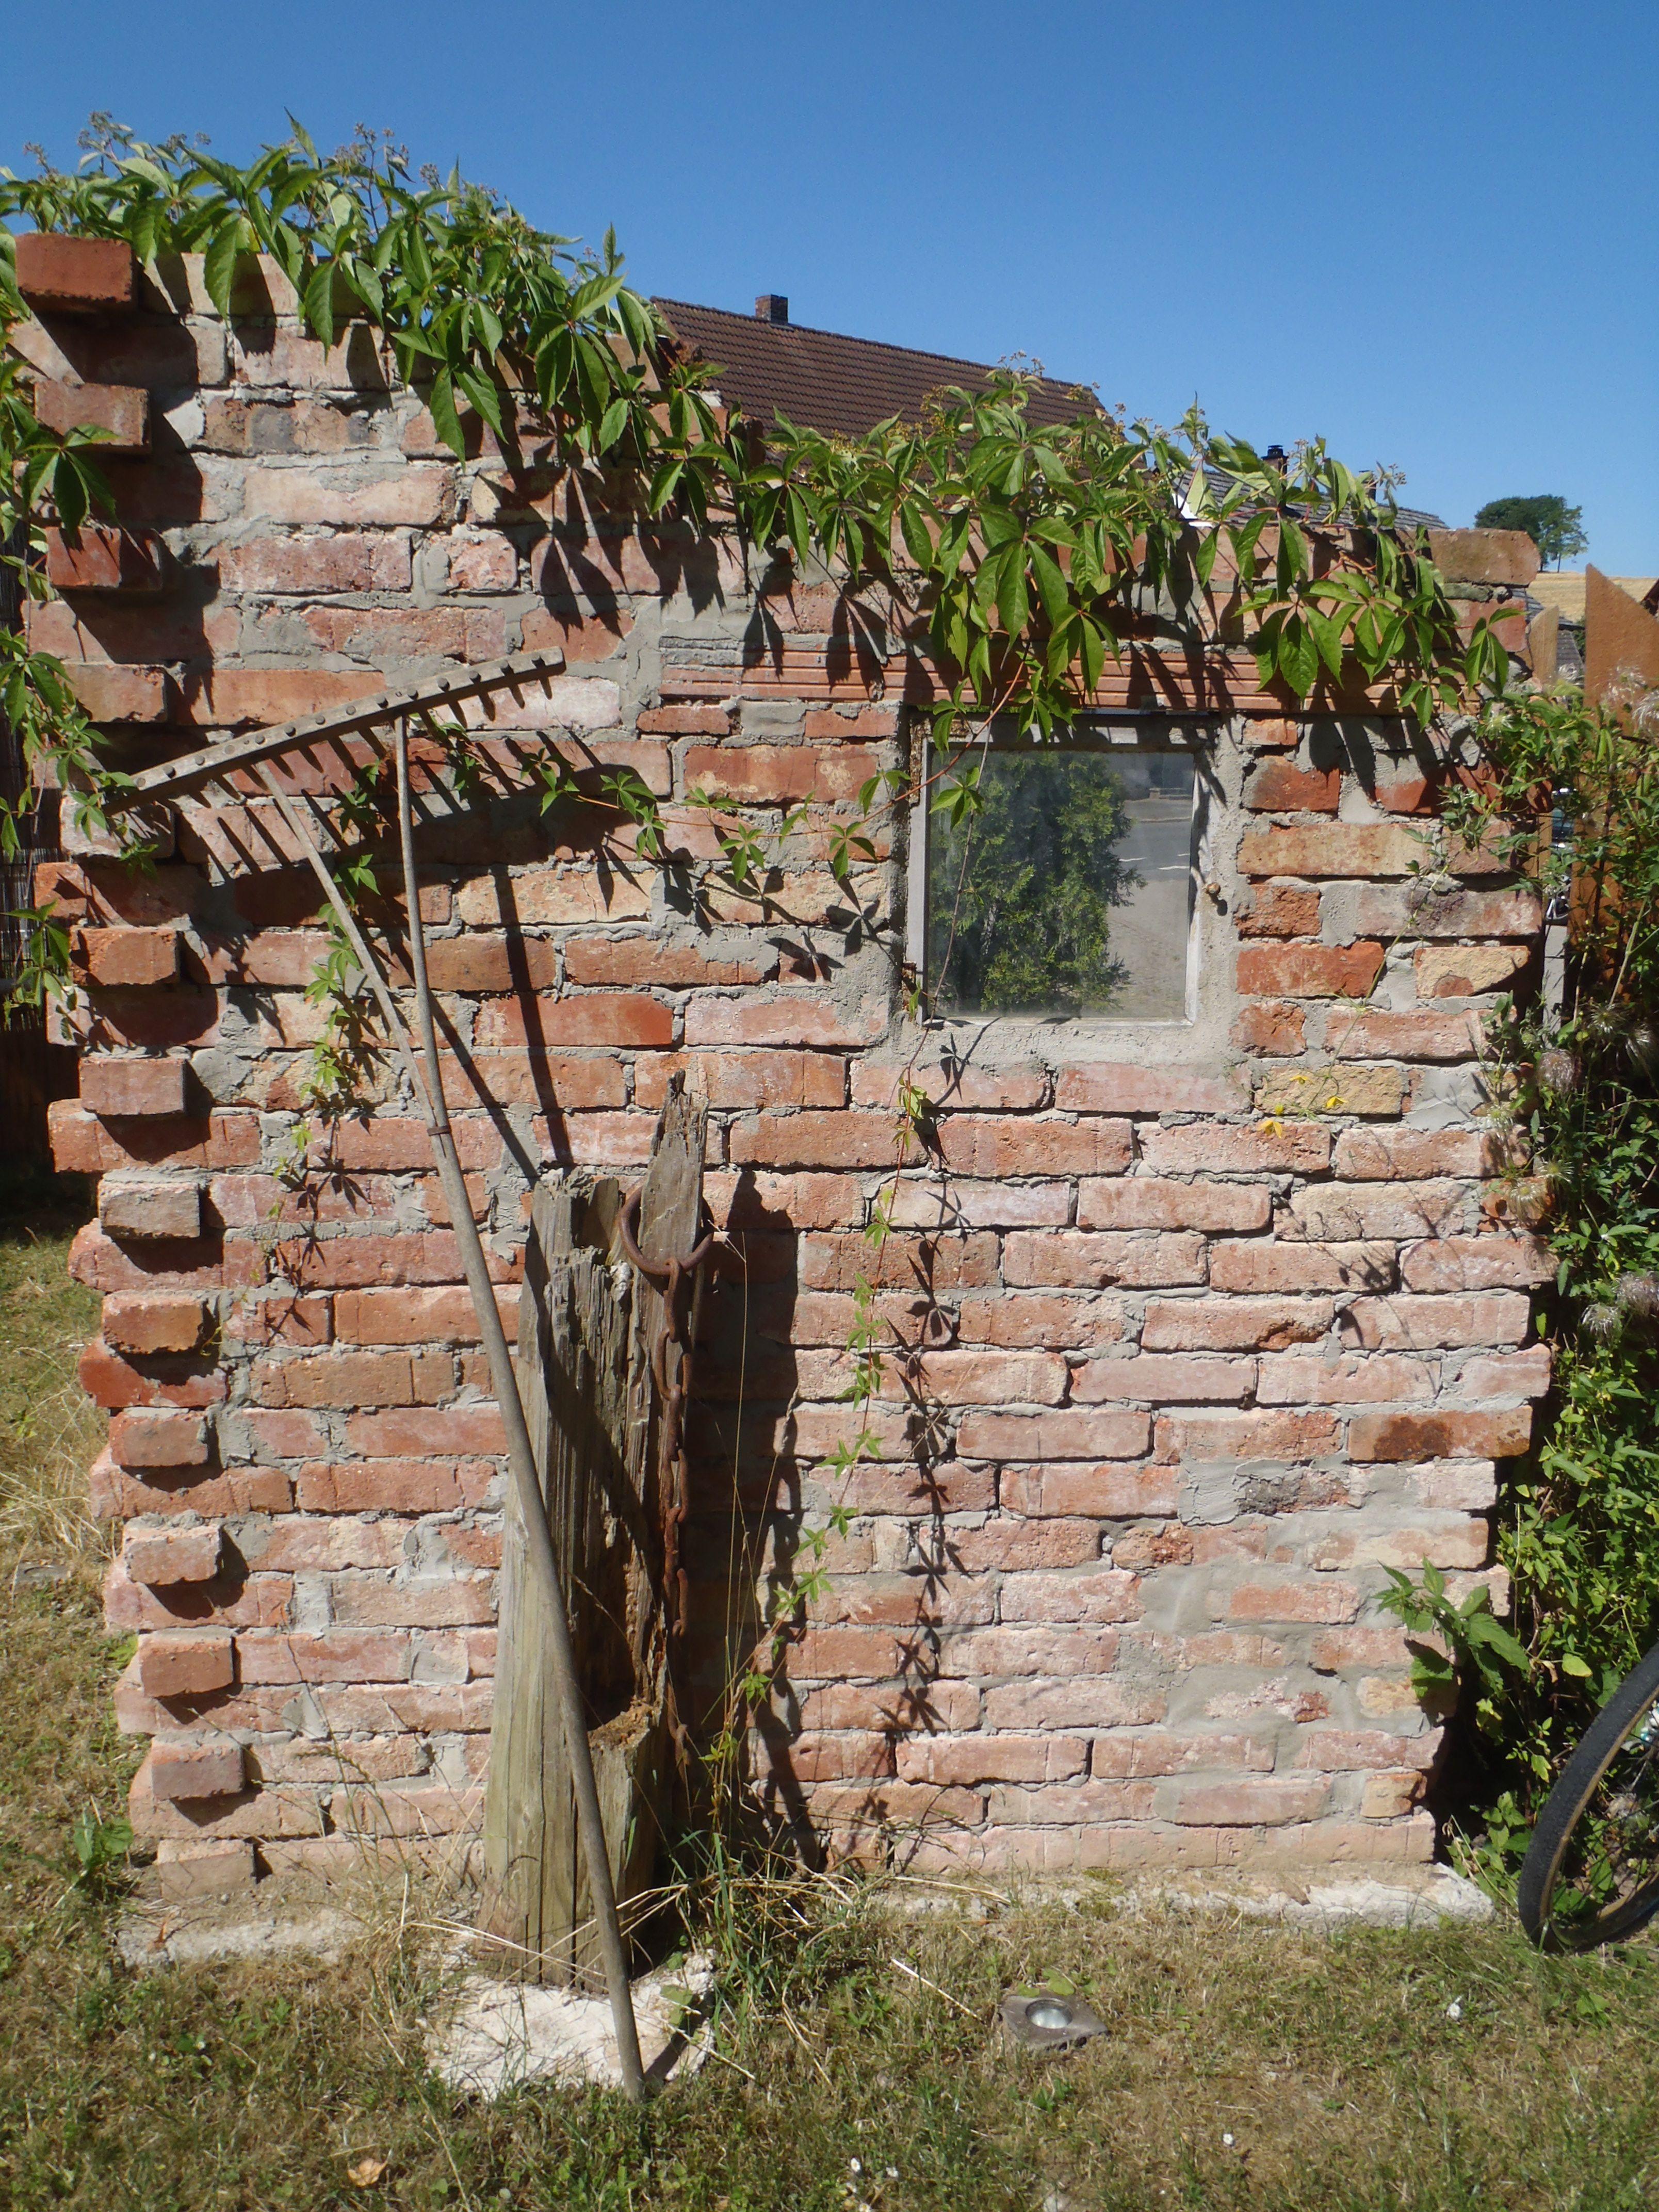 Mauer aus alten Backsteinen  Gartenmauer  Ruinenmauer